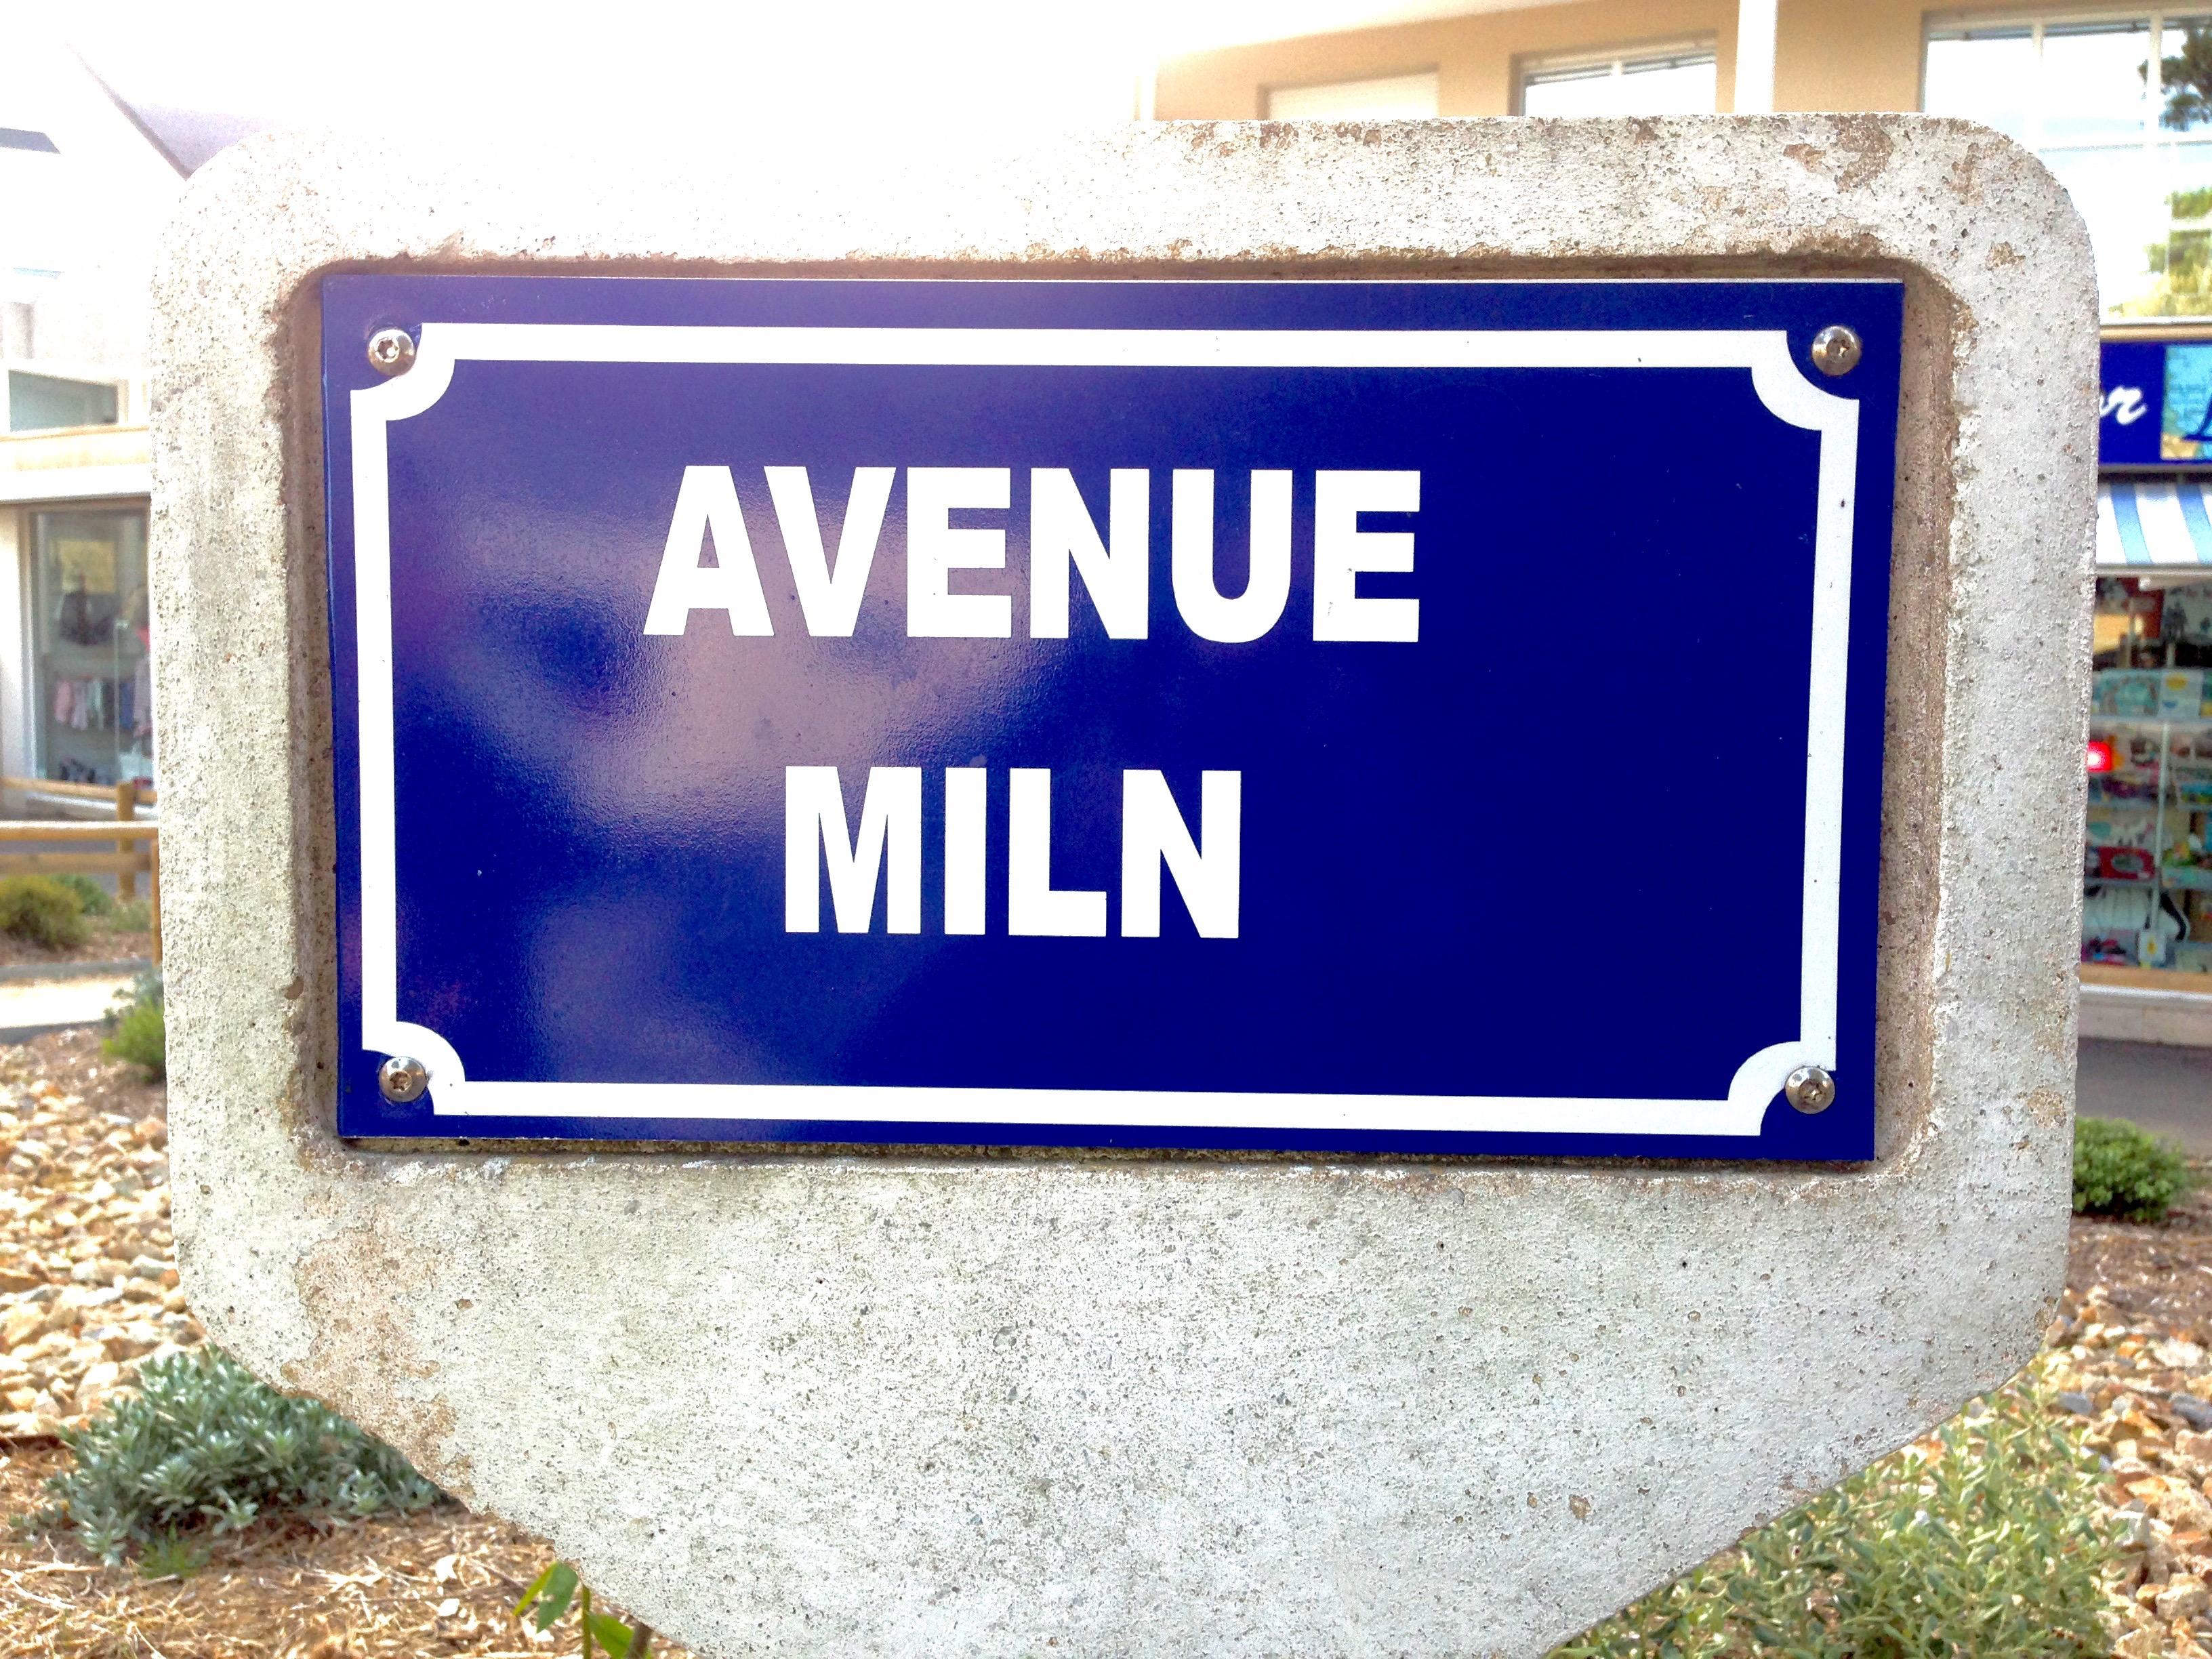 Miln 2